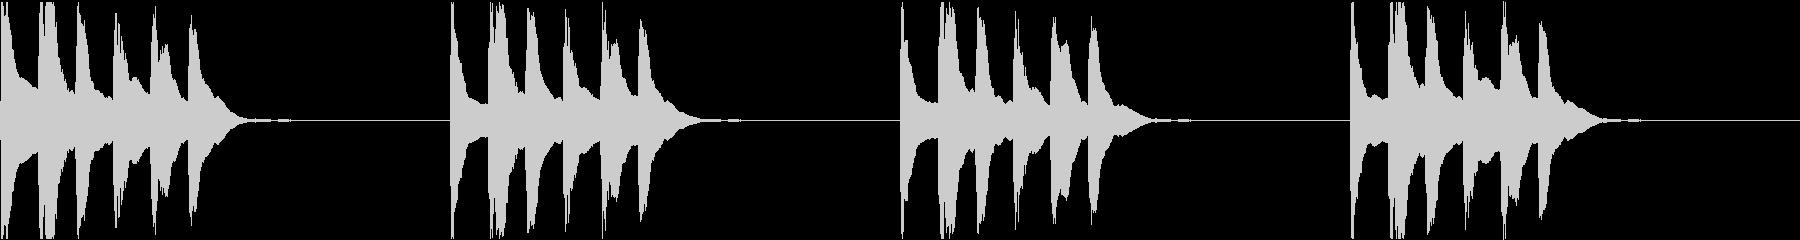 シンプル ベル 着信音 チャイム C-9の未再生の波形